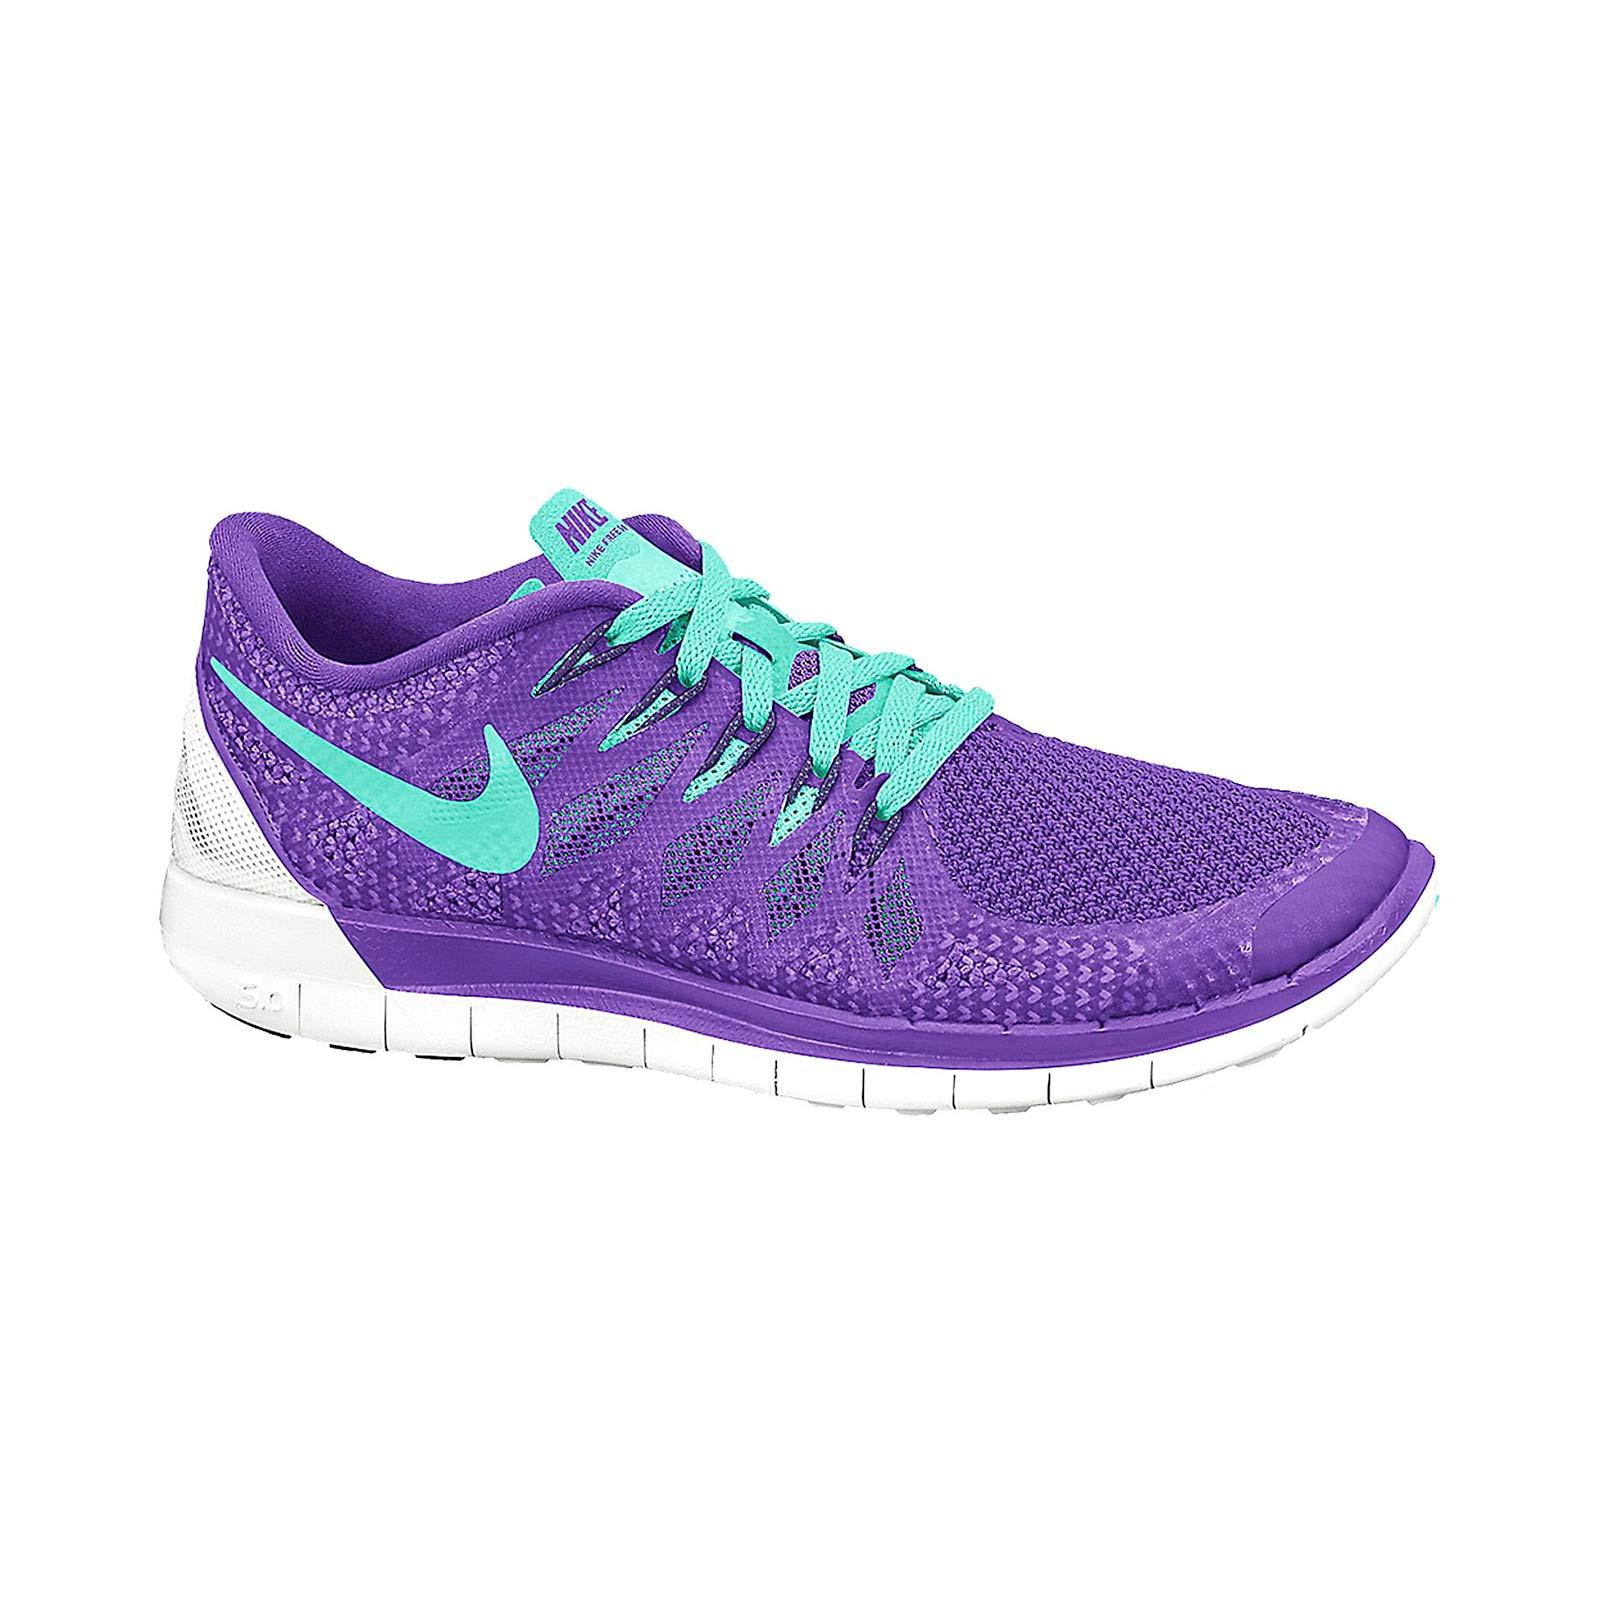 Fracción entrega Camión golpeado  Zapatillas Nike Wmns Free 5.0 Training para Mujer | Runa Store